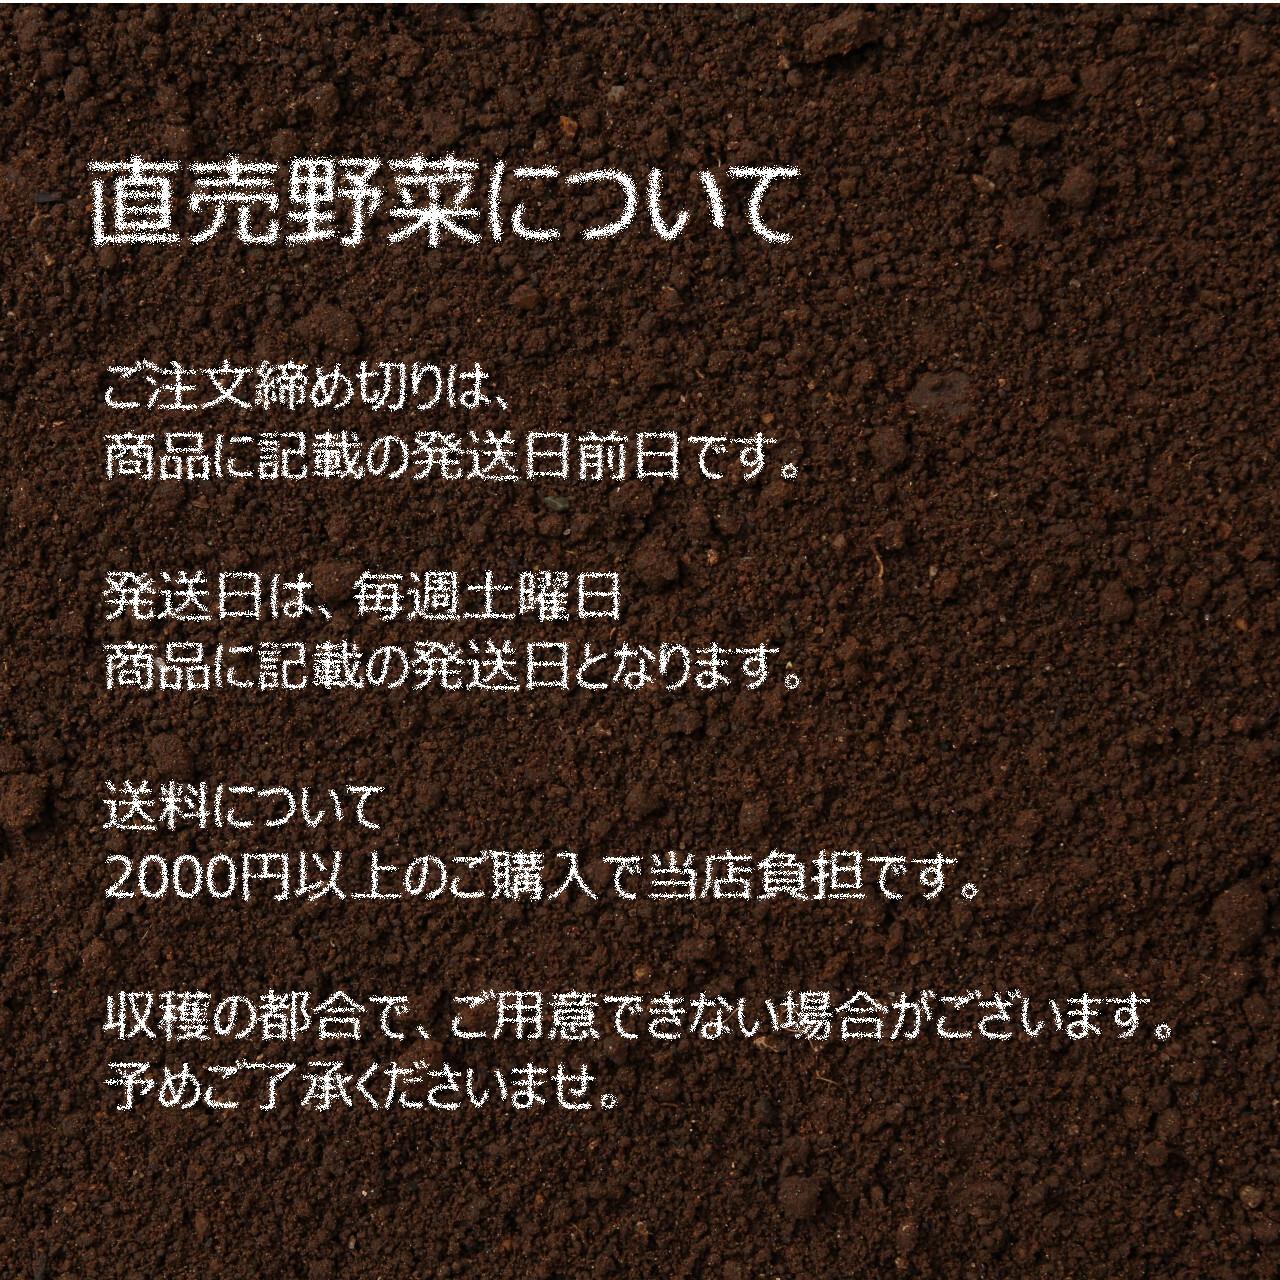 ネギ 3~4本 : 6月朝採り直売野菜 6月22日発送予定